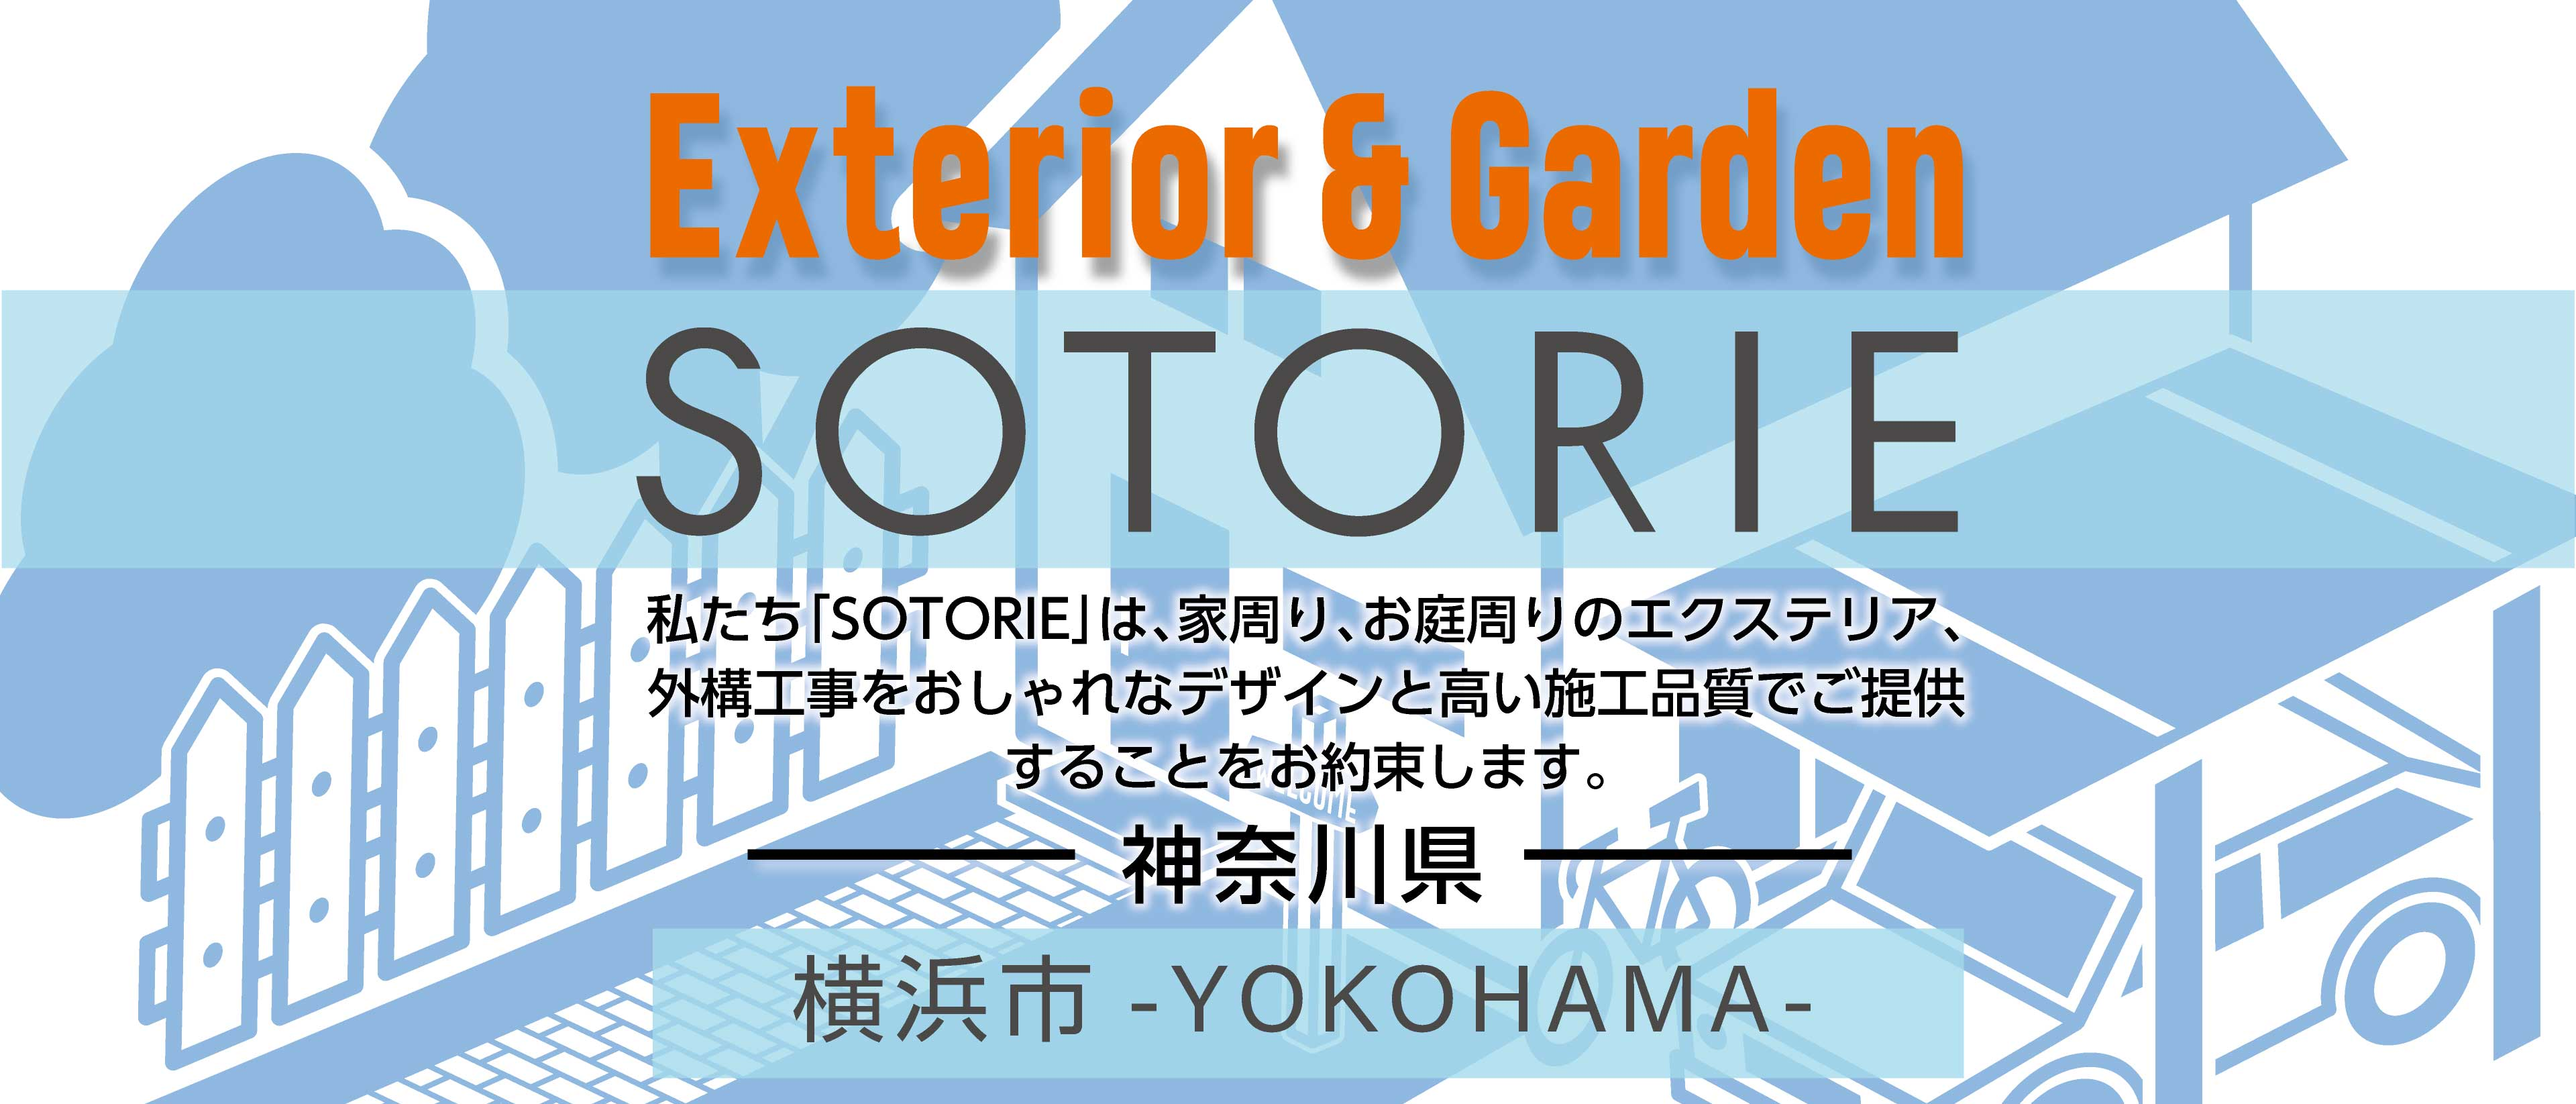 ソトリエ横浜市では、家周りと庭周りの外構、エクステリア工事をおしゃれなデザインと高い施工品質でご提供することをお約束します。